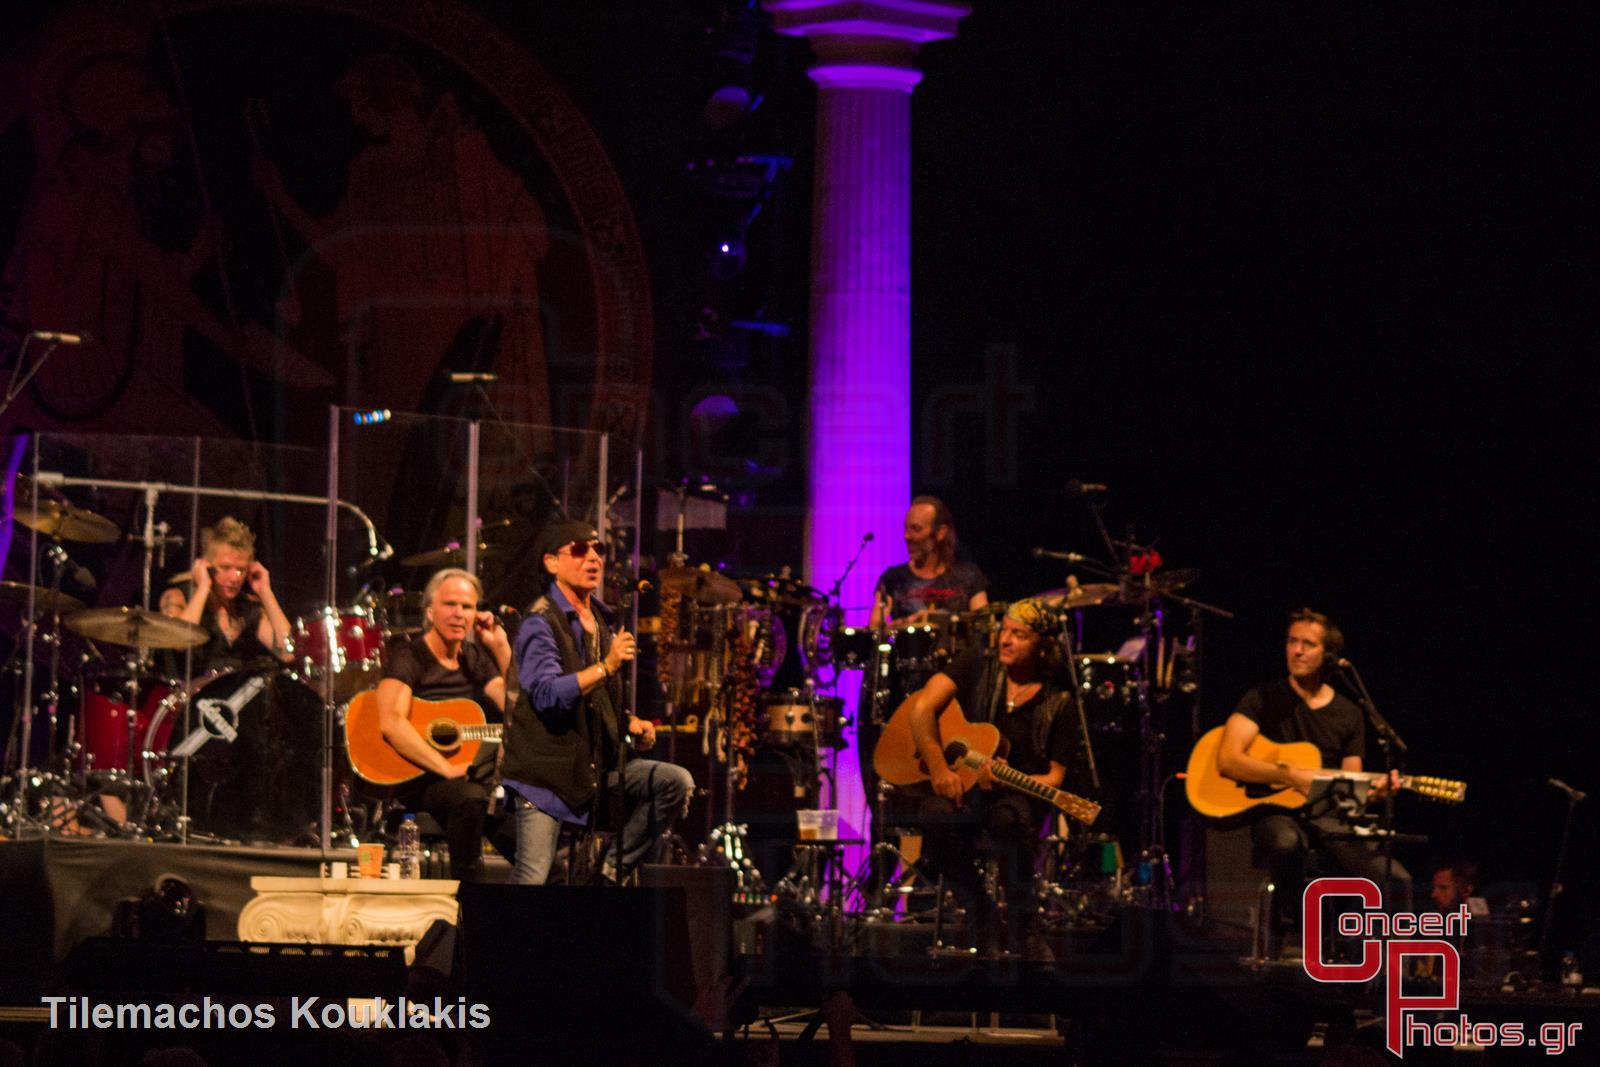 Scorpions-Scorpions photographer: Tilemachos Kouklakis - concertphotos_-6709